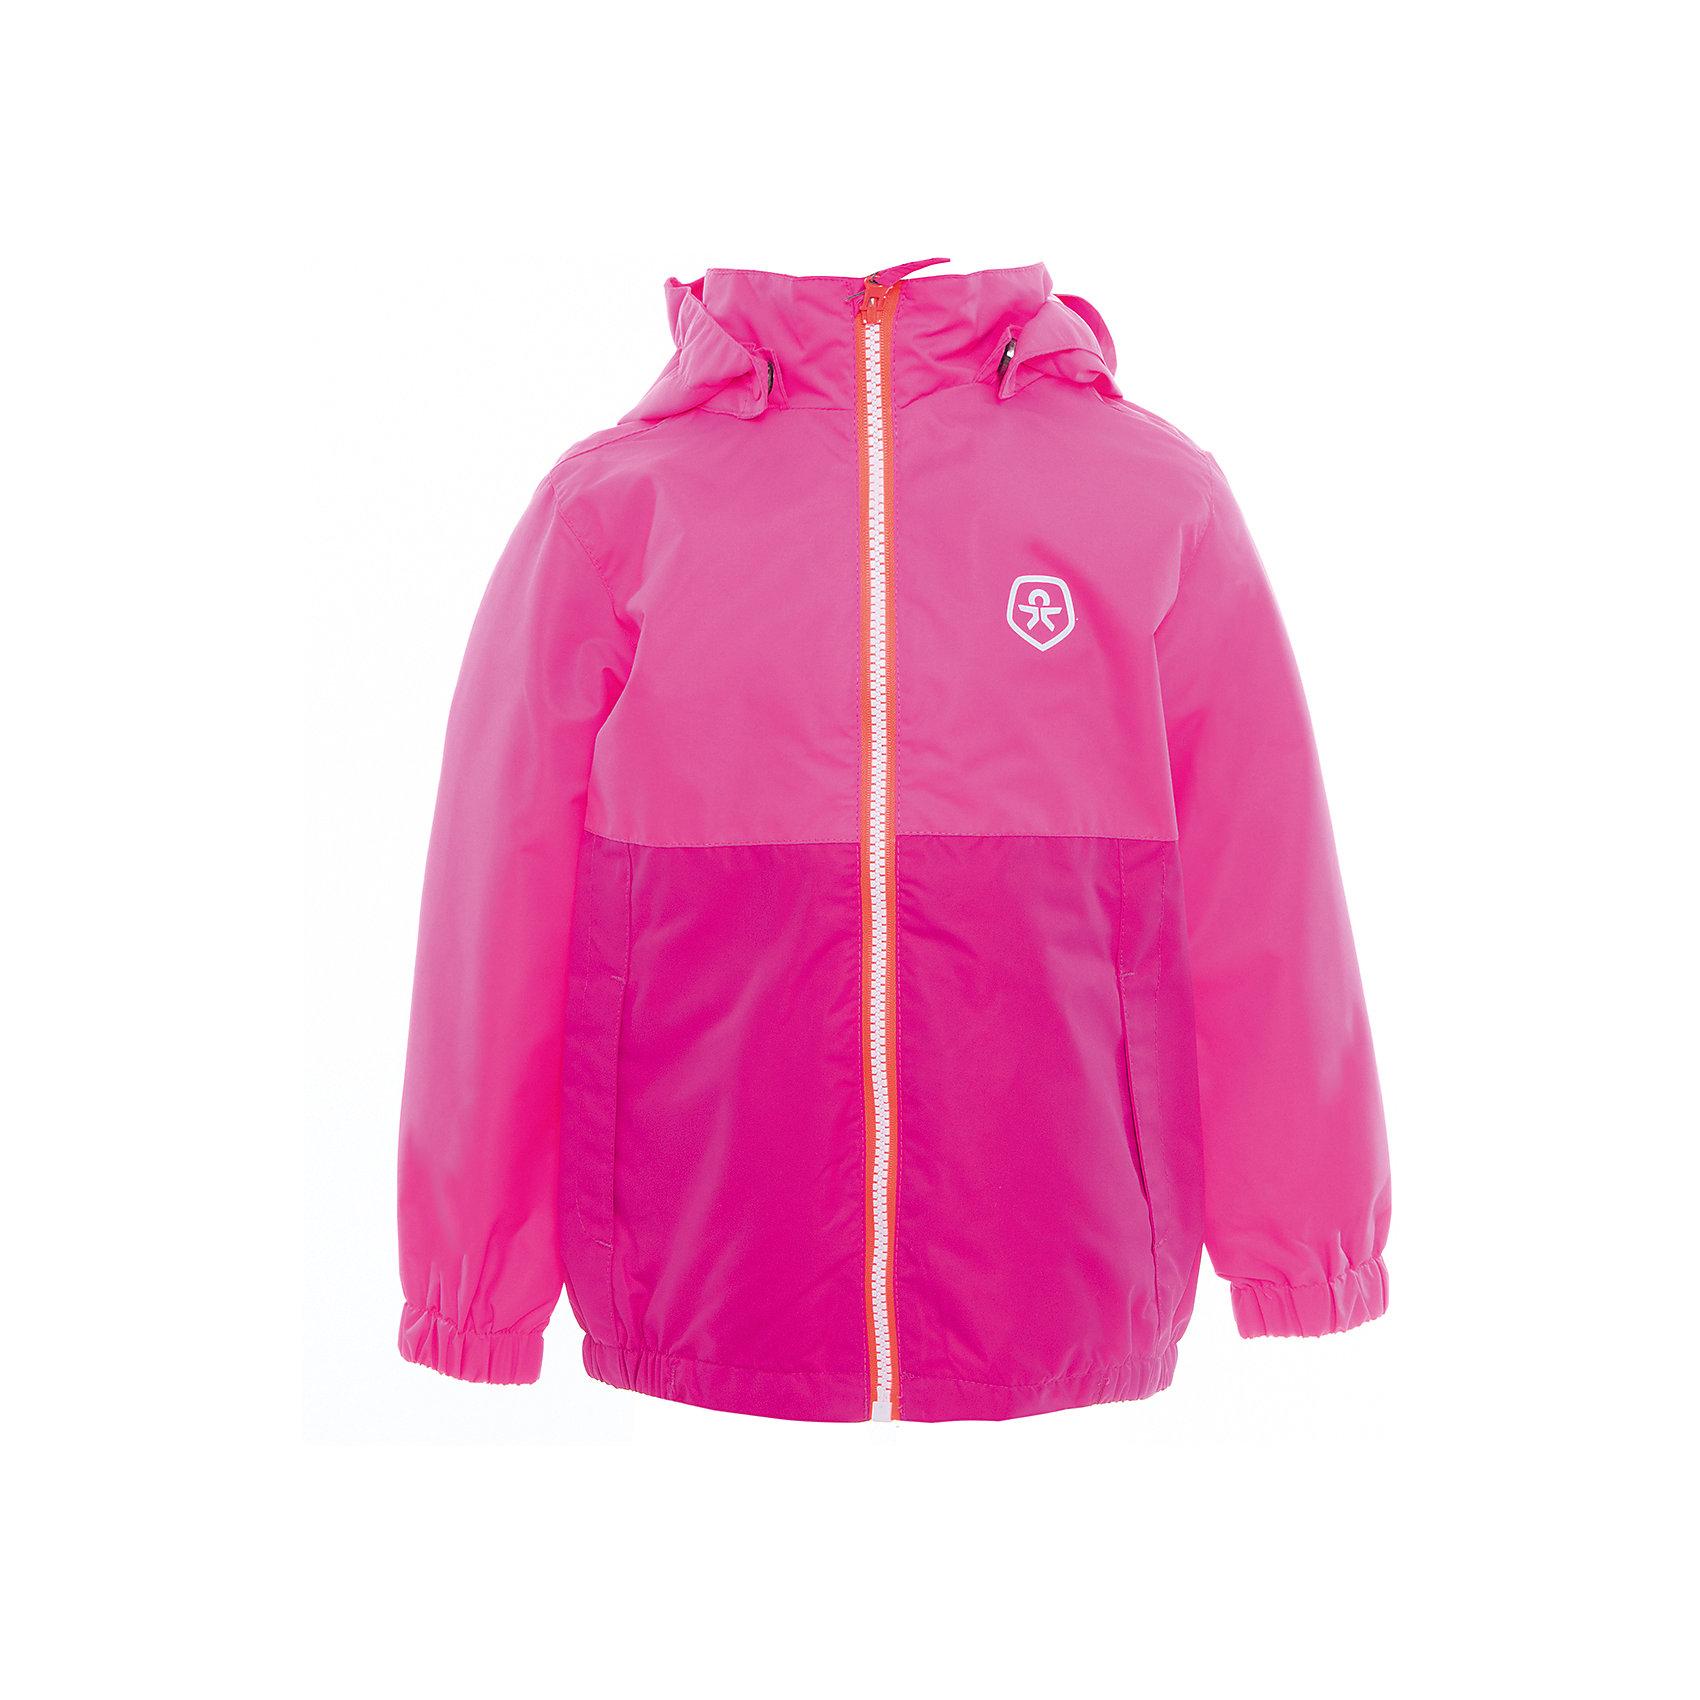 Ветровка для девочки Color KidsВерхняя одежда<br>Характеристики товара:<br><br>• цвет: розовый<br>• состав: 100 % полиэстер, таслан<br>• подкладка: 100% полиэстер, сетка<br>• без утеплителя<br>• температурный режим: от +10°до +20°С<br>• мембранная технология<br>• водонепроницаемость: 2000 мм<br>• ветрозащитная<br>• дышащая<br>• бионическая отделка<br>• эластичная резинка в рукавах и по низу<br>• светоотражающие детали<br>• застежка: молния<br>• съемный капюшон на кнопках<br>• защита подбородка<br>• два кармана<br>• логотип<br>• страна бренда: Дания<br><br>Эта симпатичная и удобная куртка сделана из непромокаемого легкого материала, поэтому отлично подойдет для дождливой погоды в весенне-летний сезон. Она комфортно сидит и обеспечивает ребенку необходимое удобство. Очень стильно смотрится.<br><br>Ветровку для мальчика от датского бренда Color Kids (Колор кидз) можно купить в нашем интернет-магазине.<br><br>Ширина мм: 356<br>Глубина мм: 10<br>Высота мм: 245<br>Вес г: 519<br>Цвет: розовый<br>Возраст от месяцев: 36<br>Возраст до месяцев: 48<br>Пол: Женский<br>Возраст: Детский<br>Размер: 140,104,152,92,98,110,116,122,128<br>SKU: 5443009